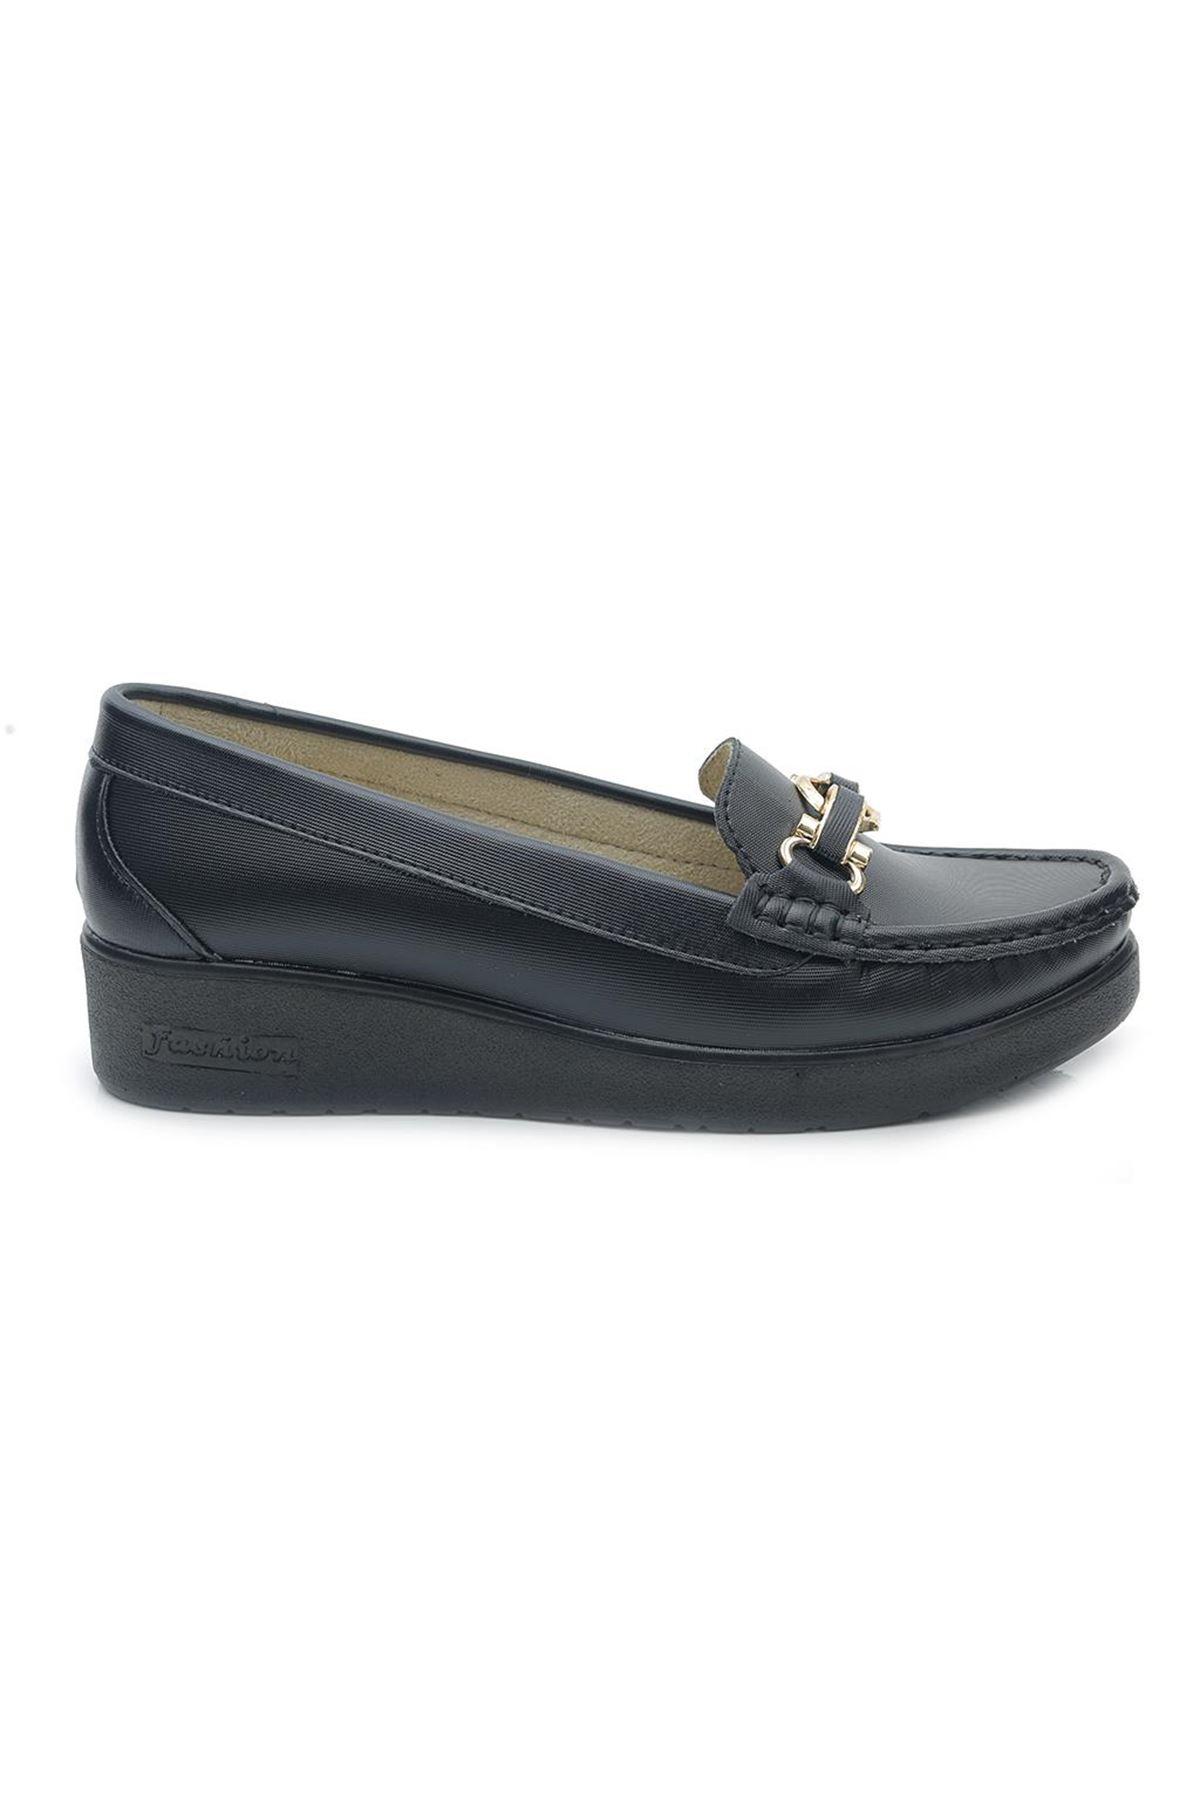 Oc Shoes W2254 Günlük Kadın Ayakkabı